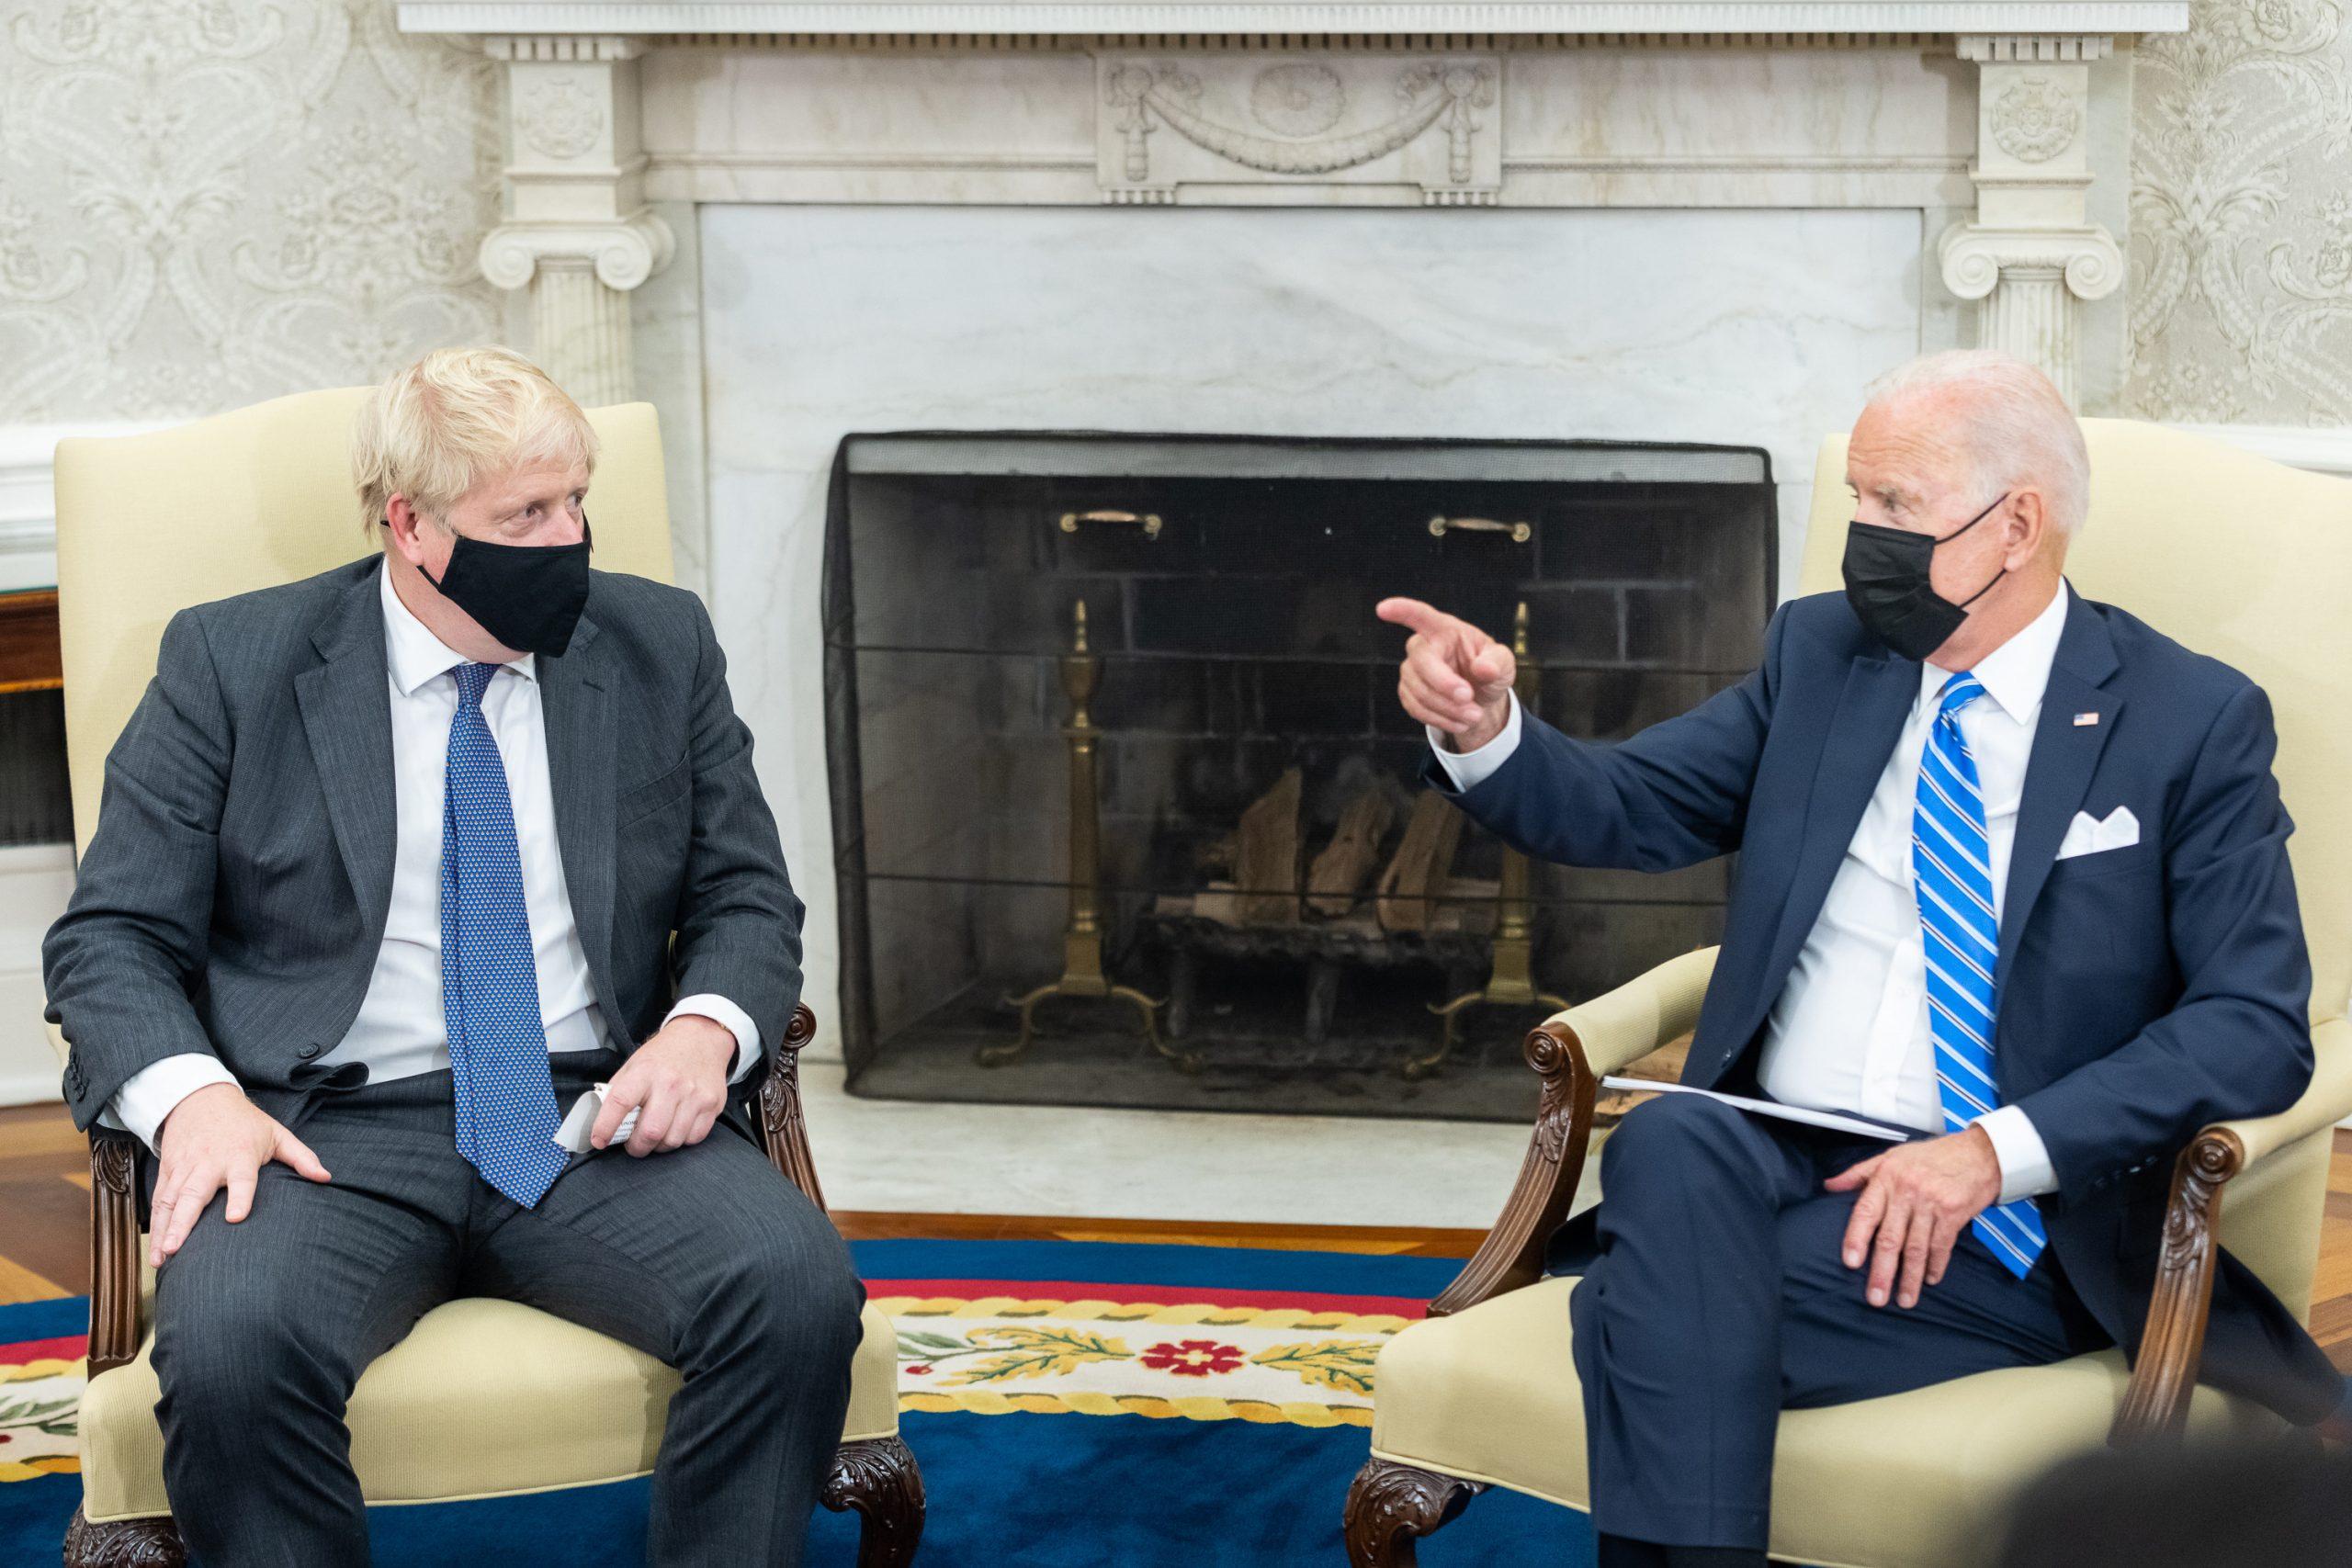 Reino Unido quiere fortalecer su comercio, sondea sumarse al T-MEC